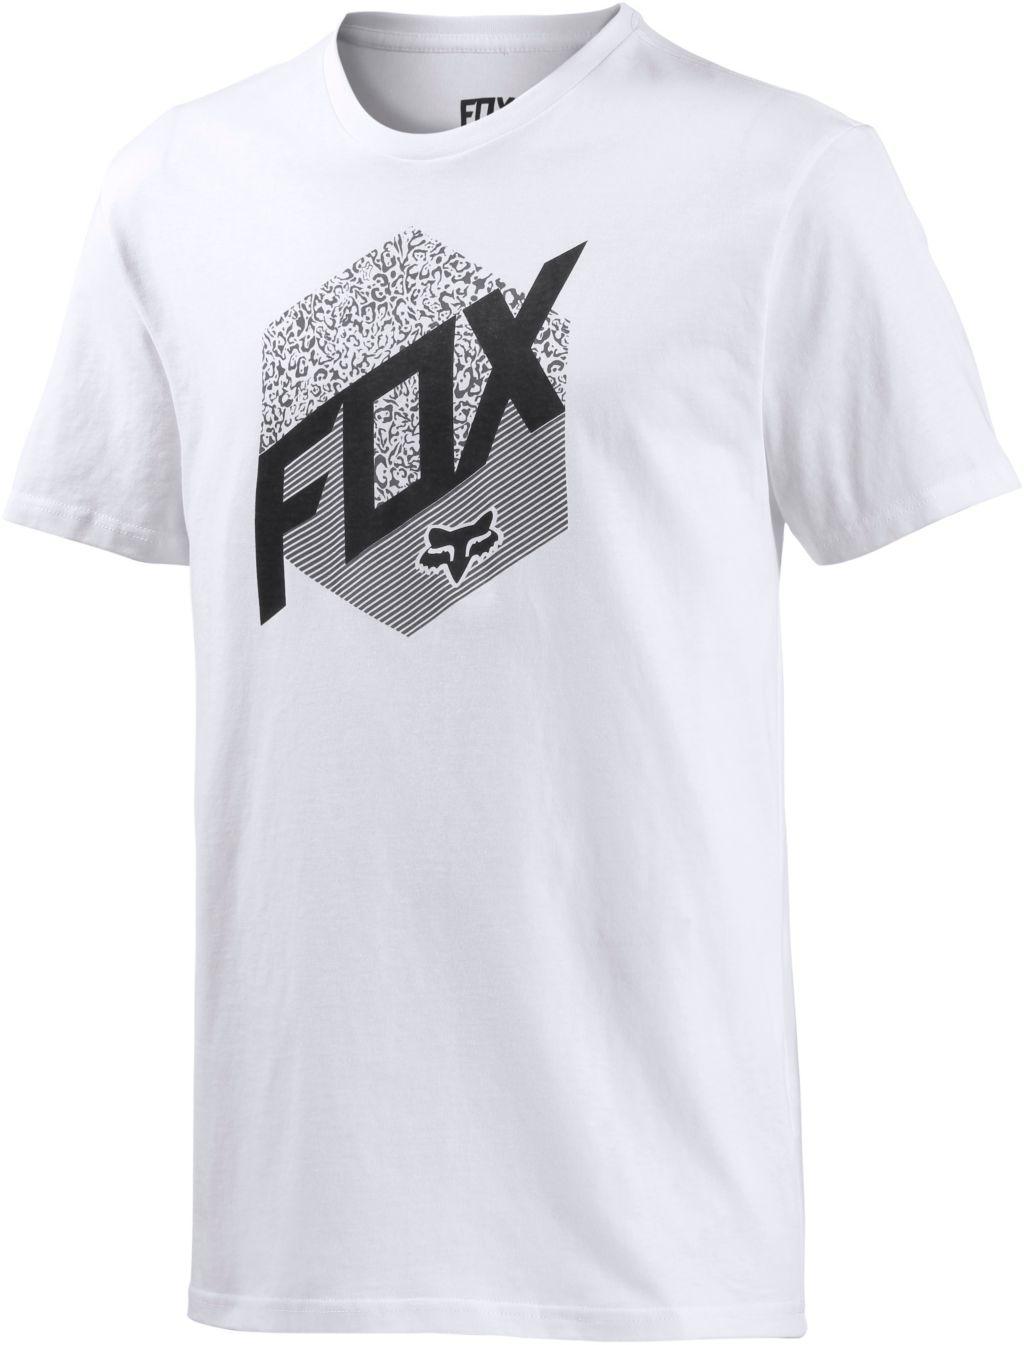 Kast Printshirt Herren in weiß, Größe S